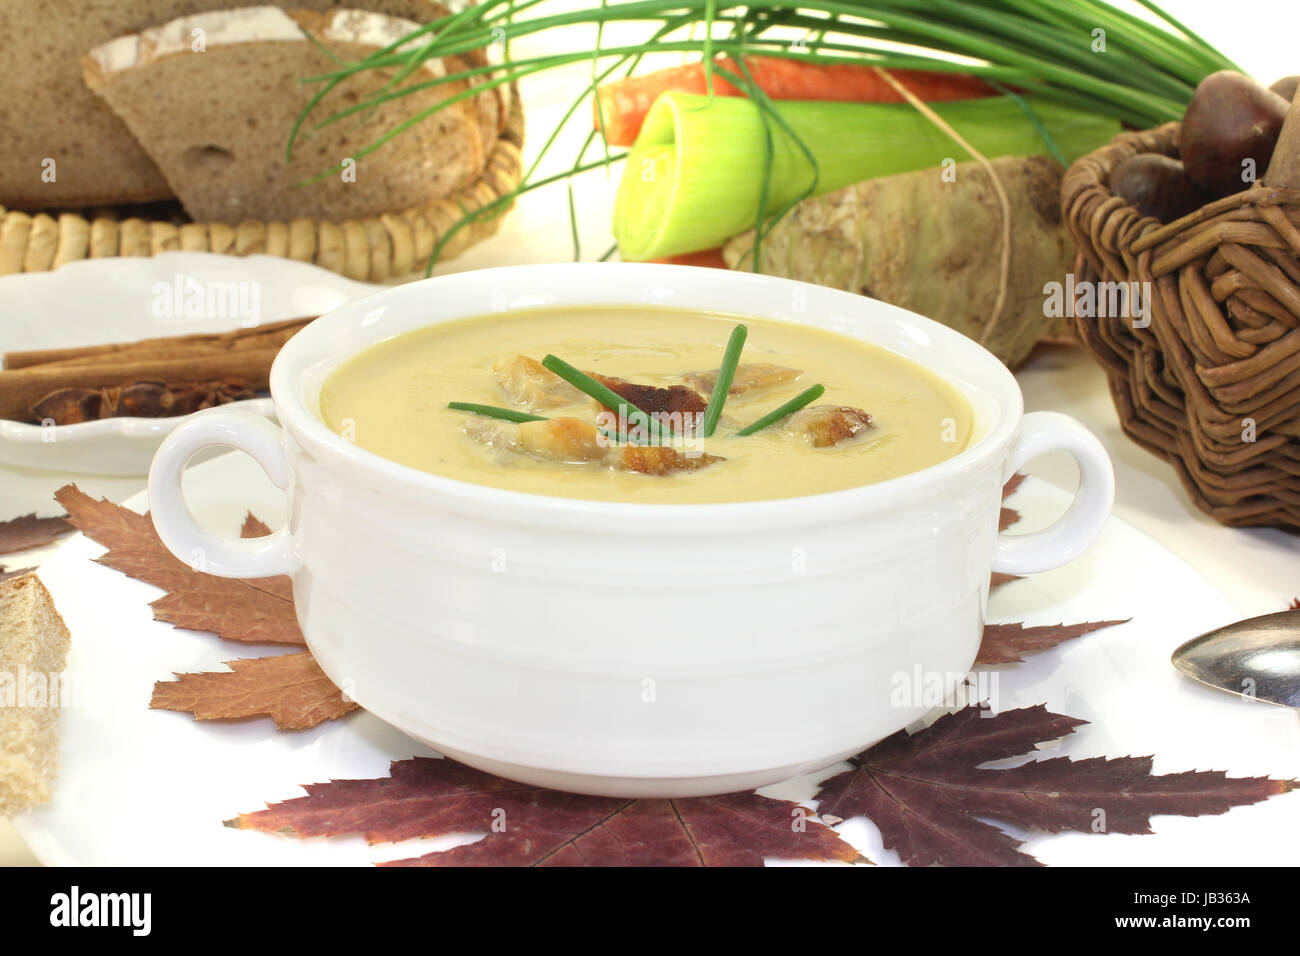 frische leckere Maronensuppe mit Schnittlauch vor hellem Hintergrund - Stock Image